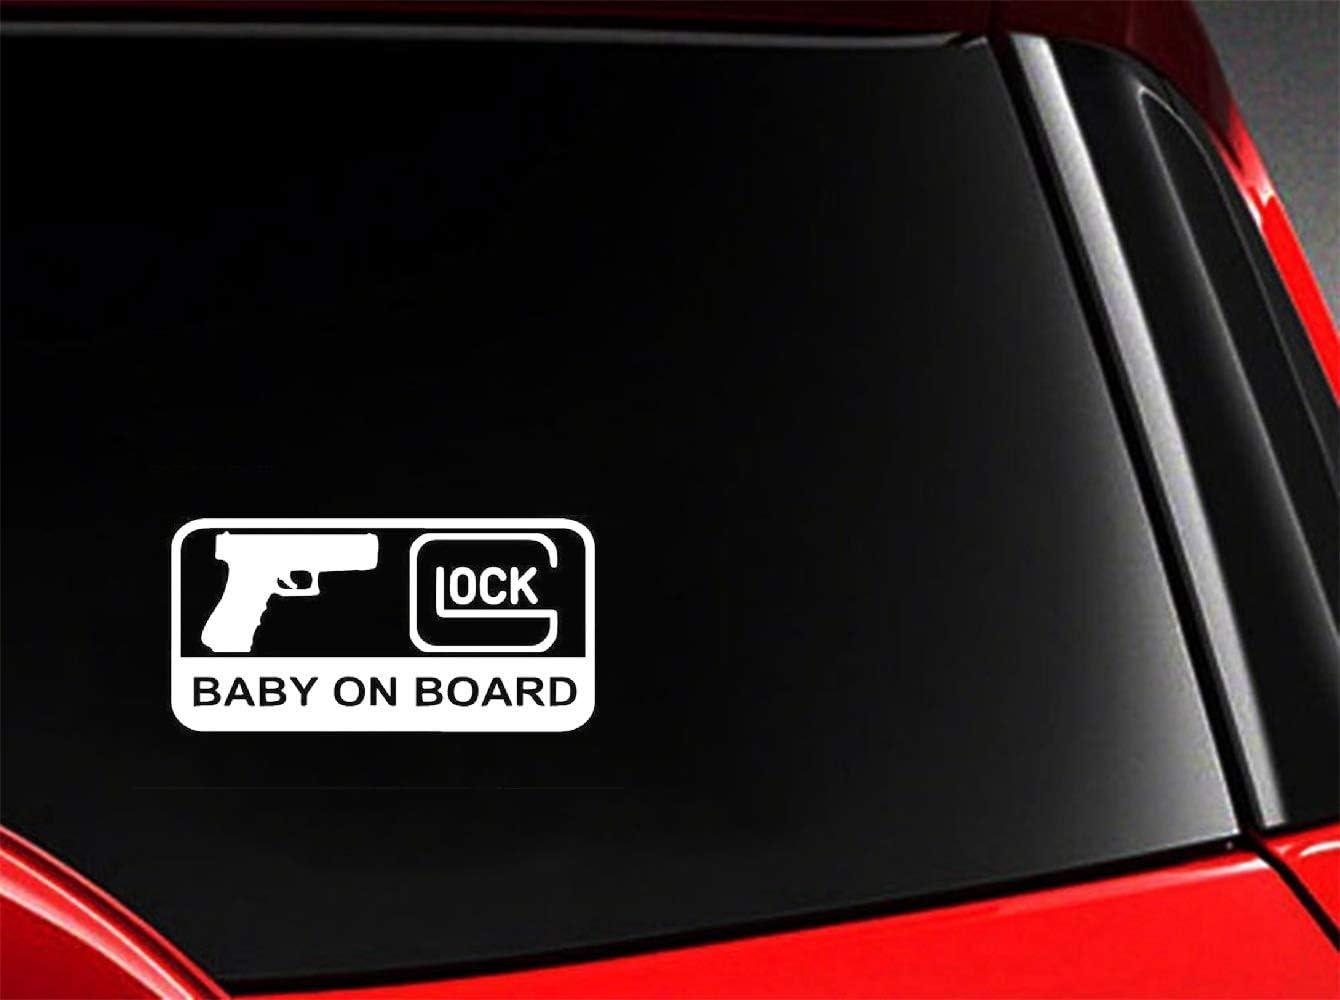 Pegatinas 3D De Pared Car Styling Glock Baby On Board Decoración Del Personaje De La Etiqueta Engomada Automotriz Del Coche Para La Etiqueta Engomada De La Ventana Del Ordenador Portátil Del Coche